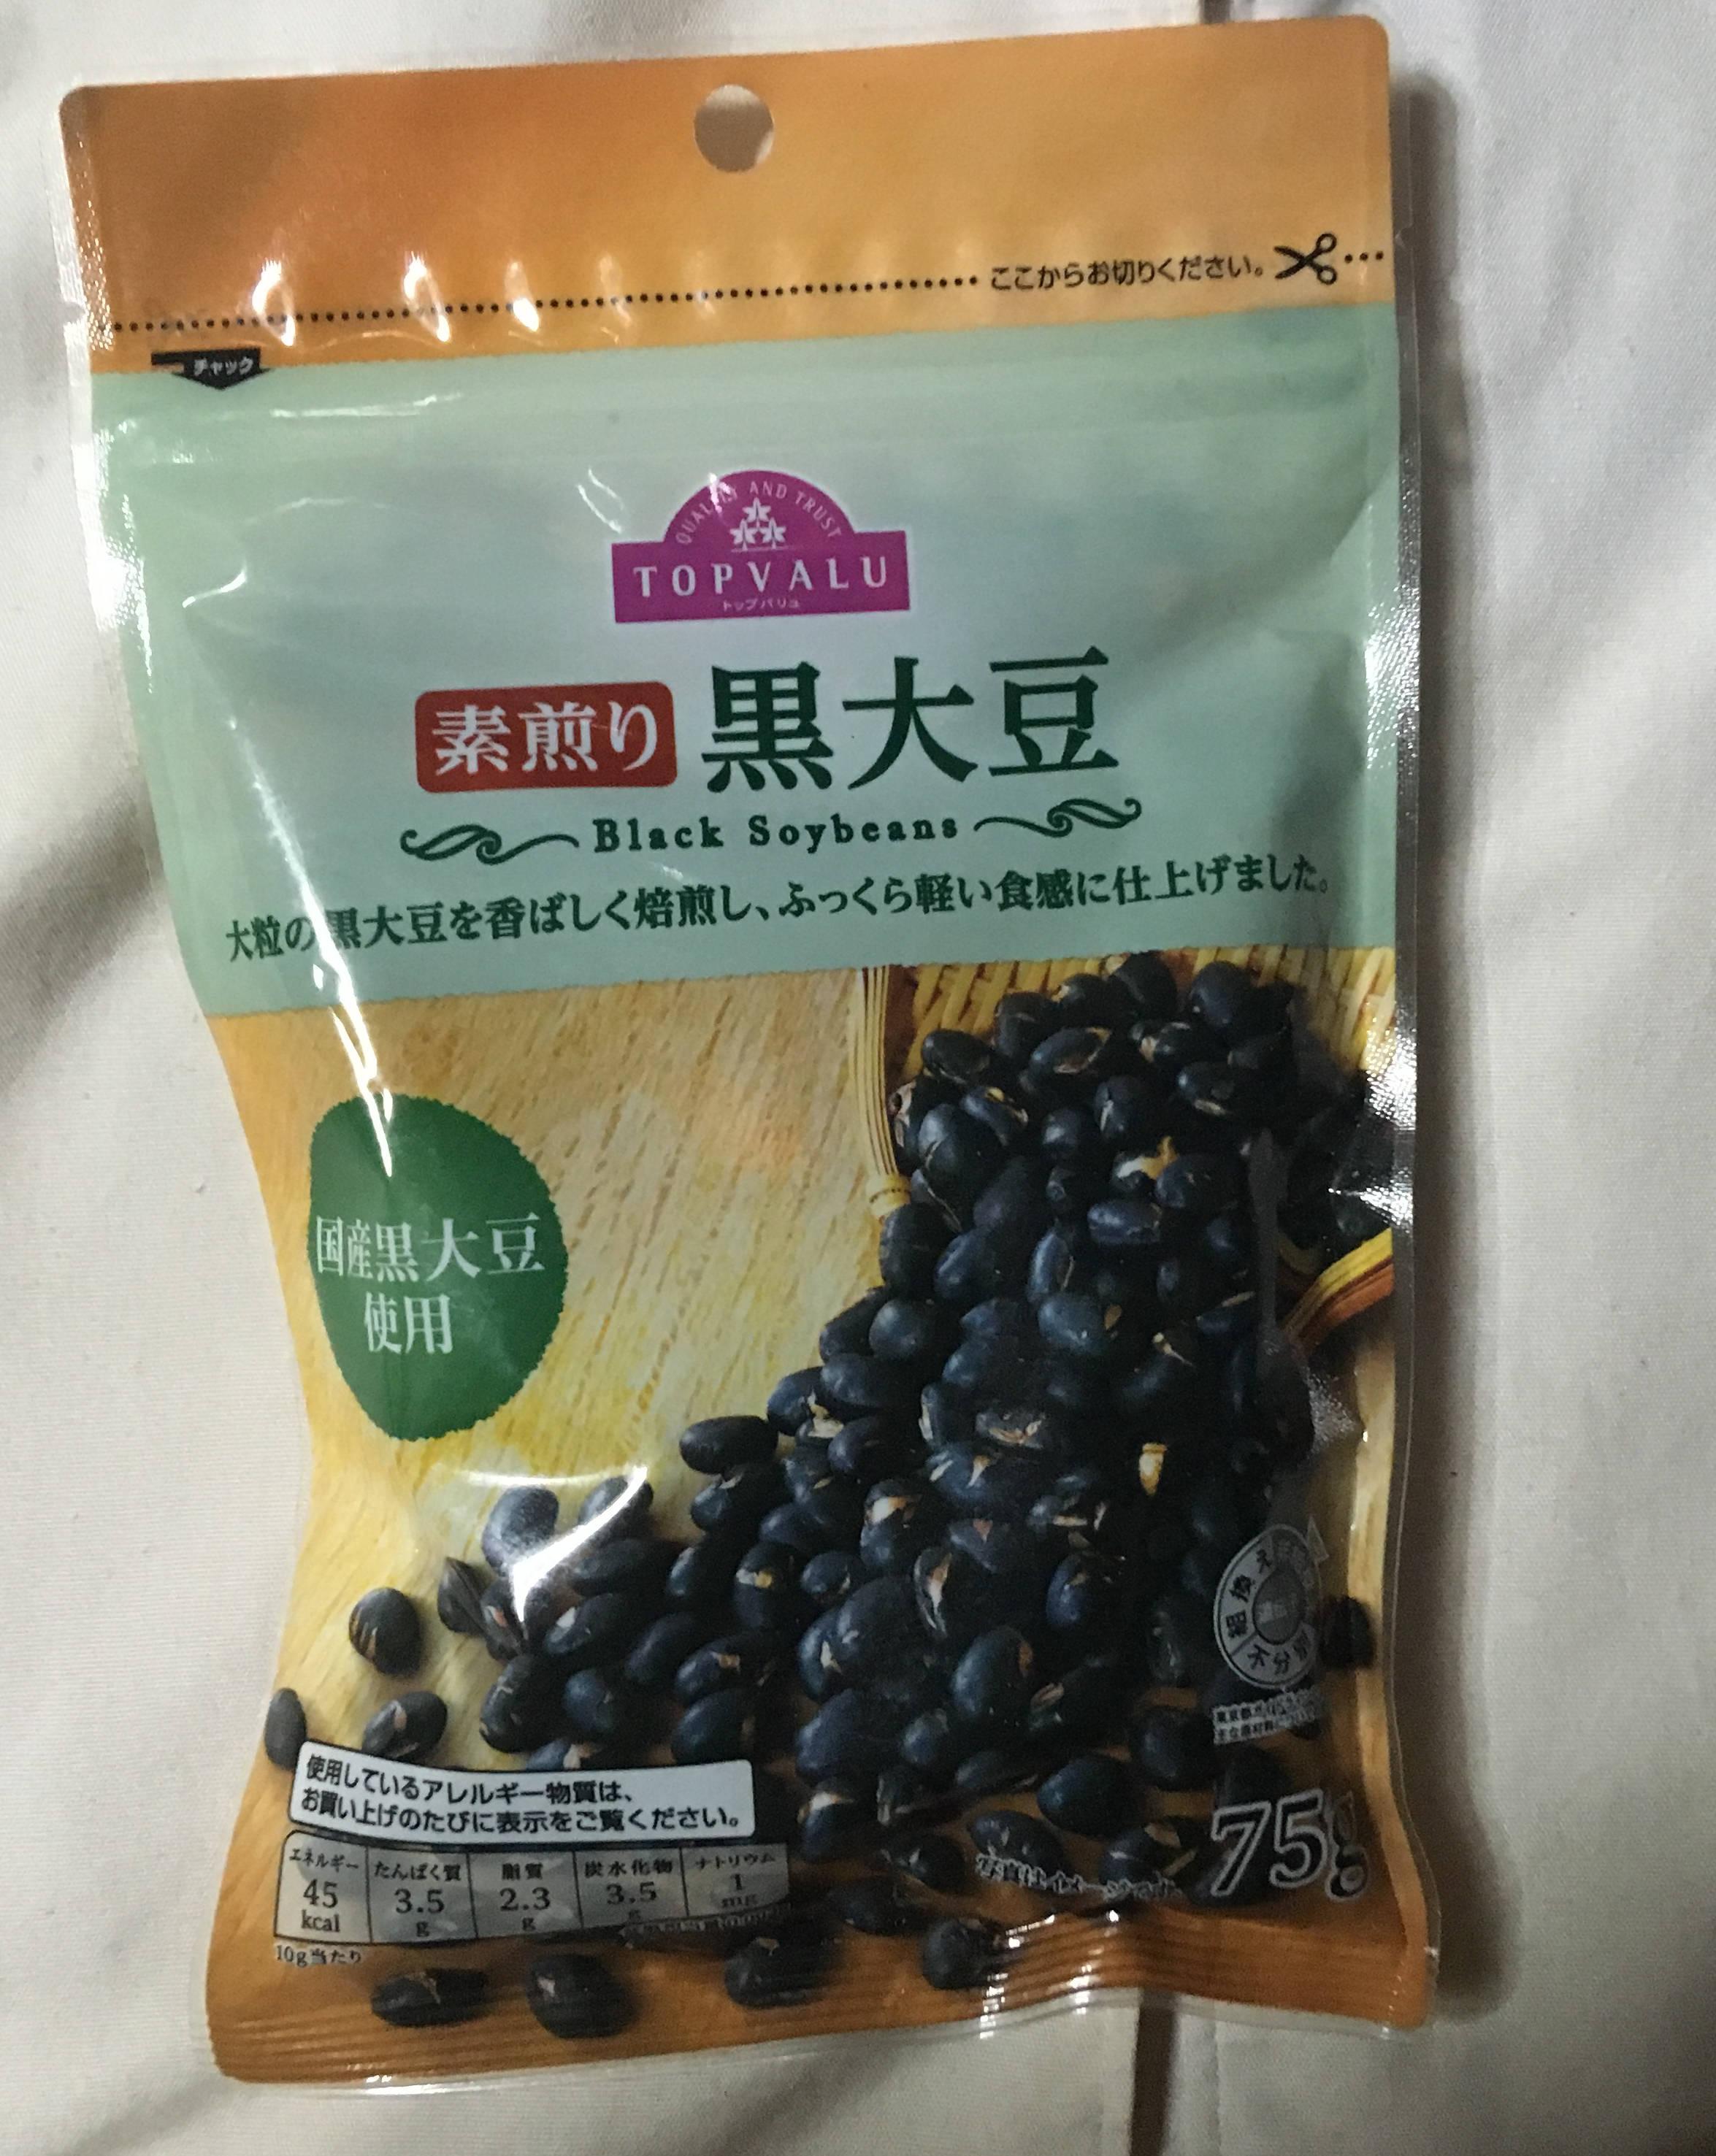 素煎り黒大豆 TOPVALUパッケージ表面